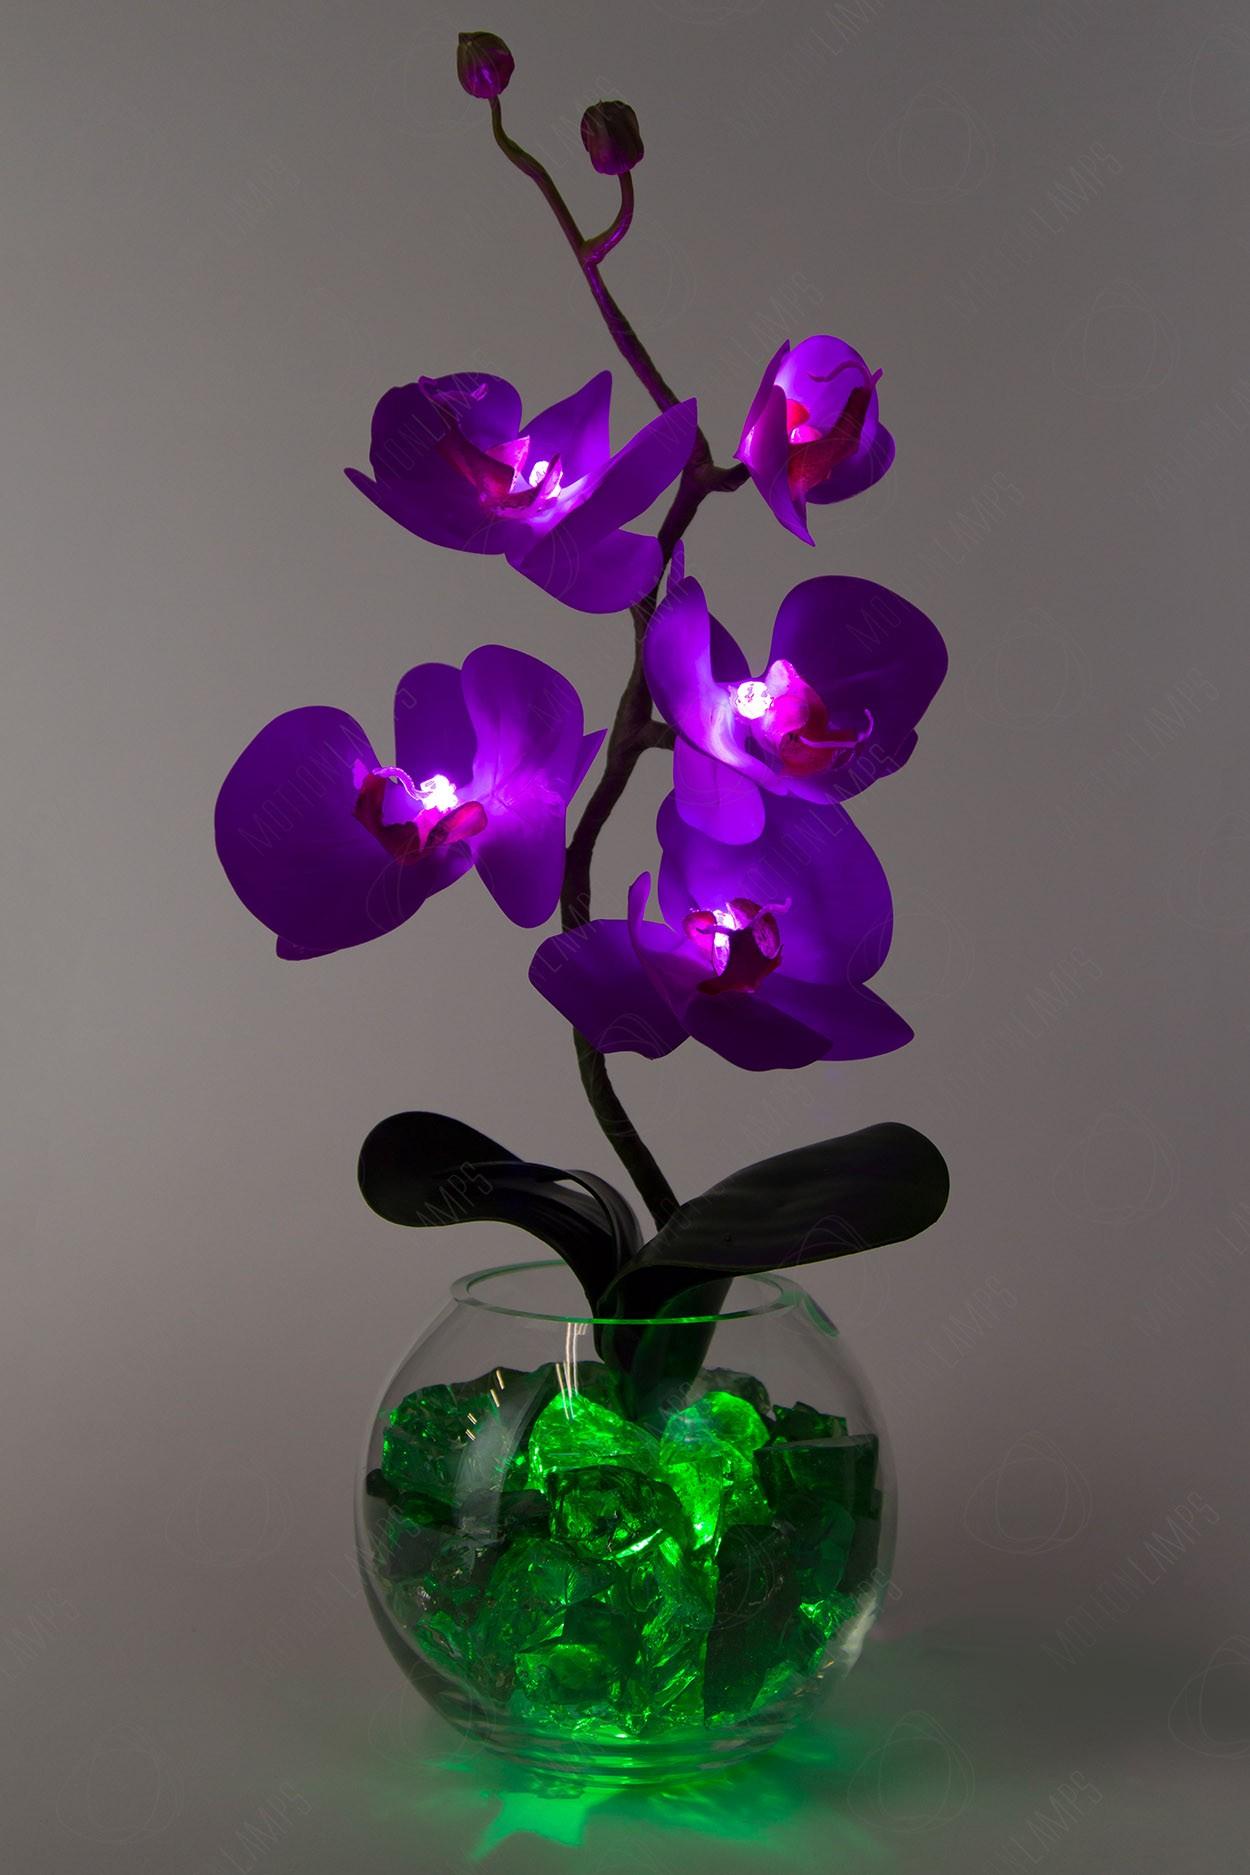 Светильник Орхидея фиолетовый(зел) 5 цветков в Ярославле